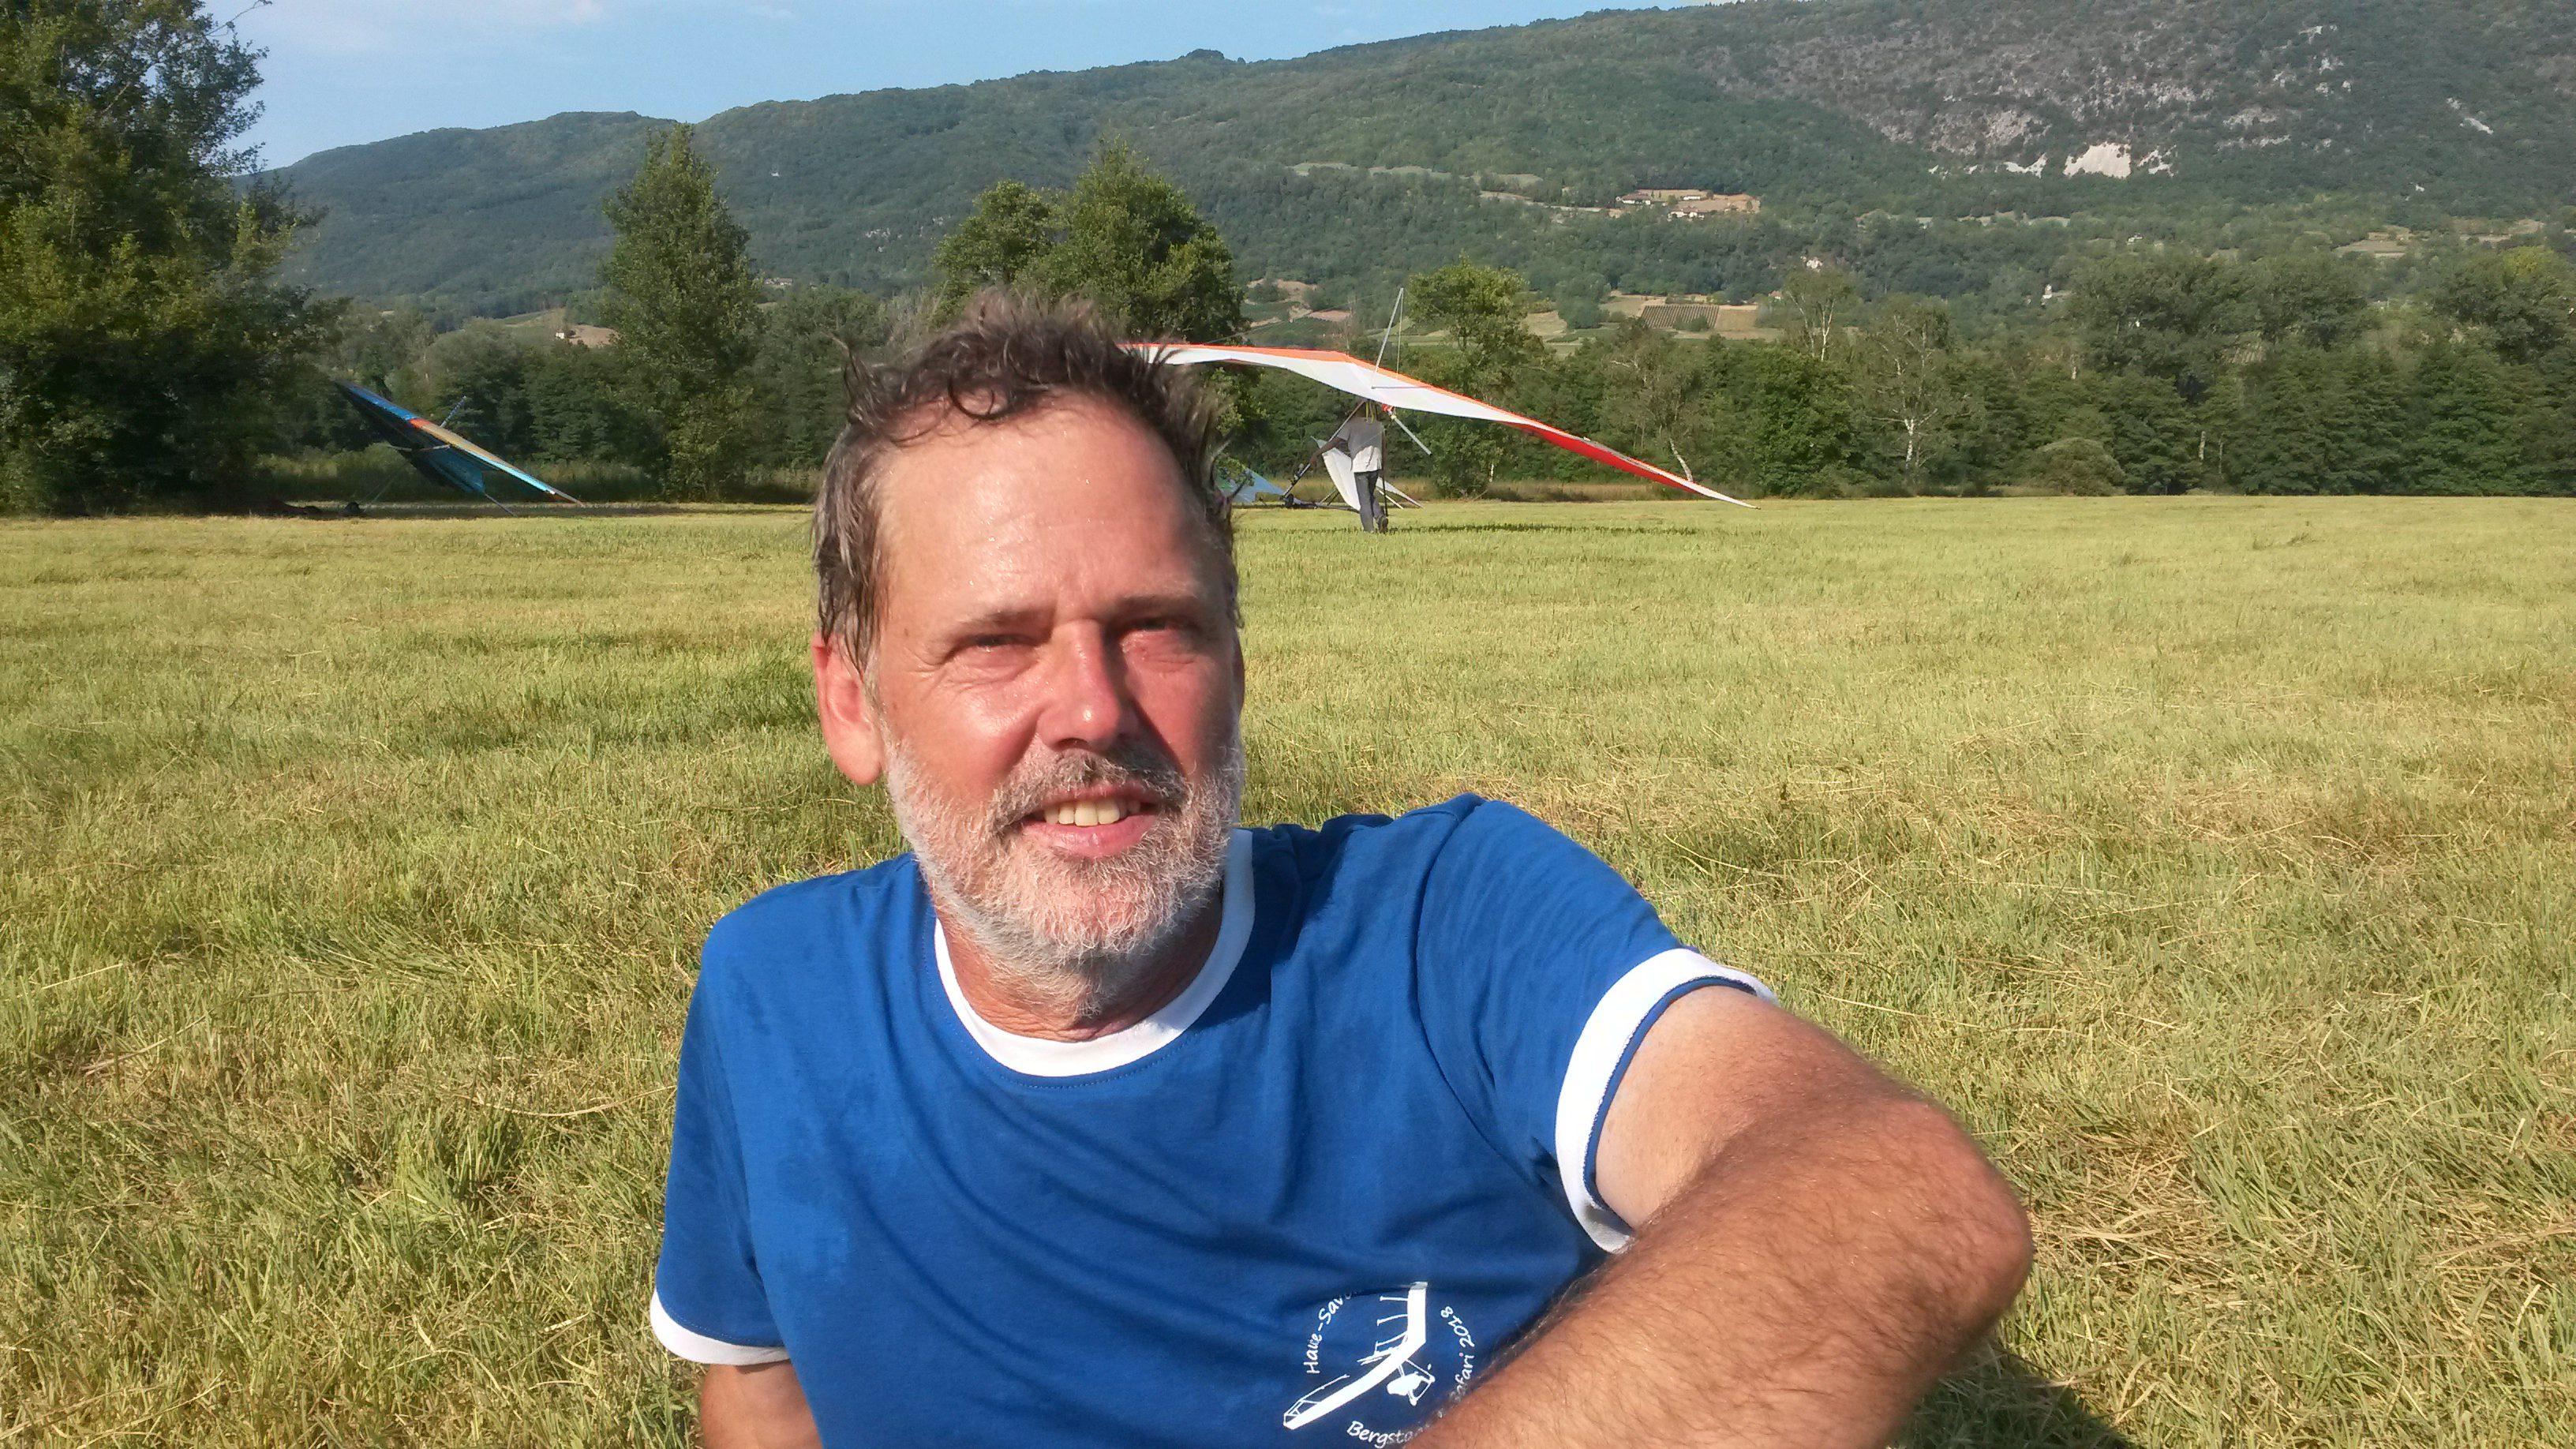 Foto van een man, zittend op een veld in de zon, met een landende deltavlieger op de achtergrond